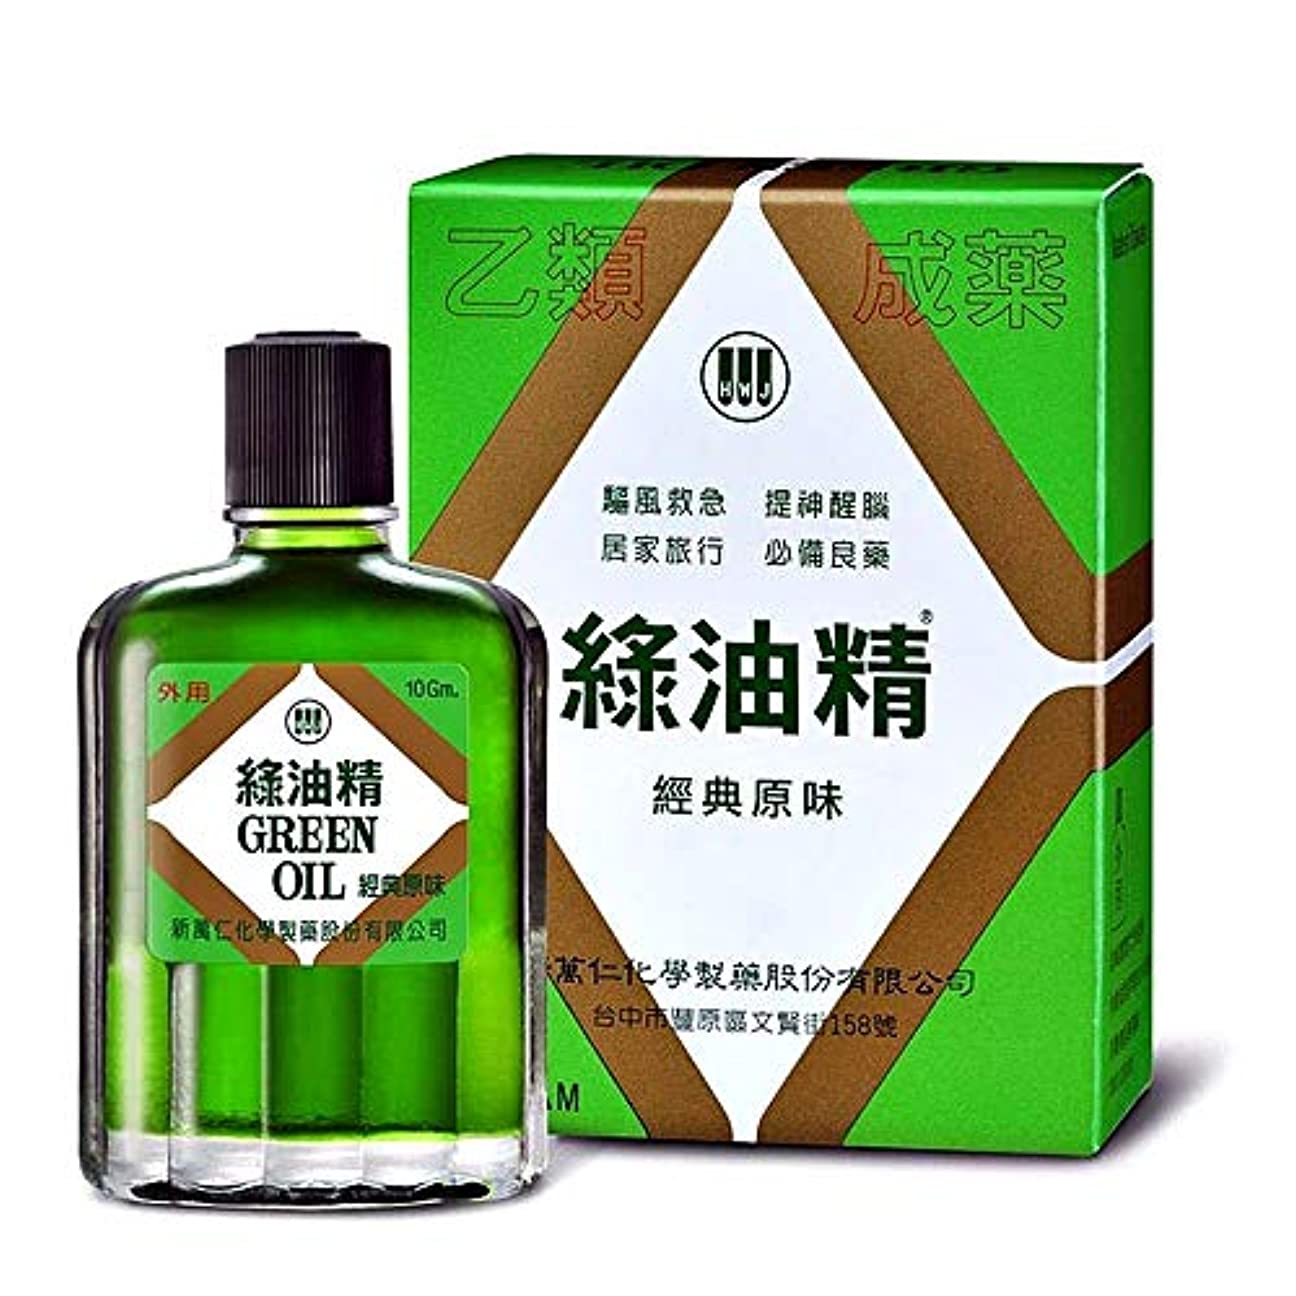 主張移動隠された《新萬仁》台湾の万能グリーンオイル 緑油精 10g 《台湾 お土産》 [並行輸入品]